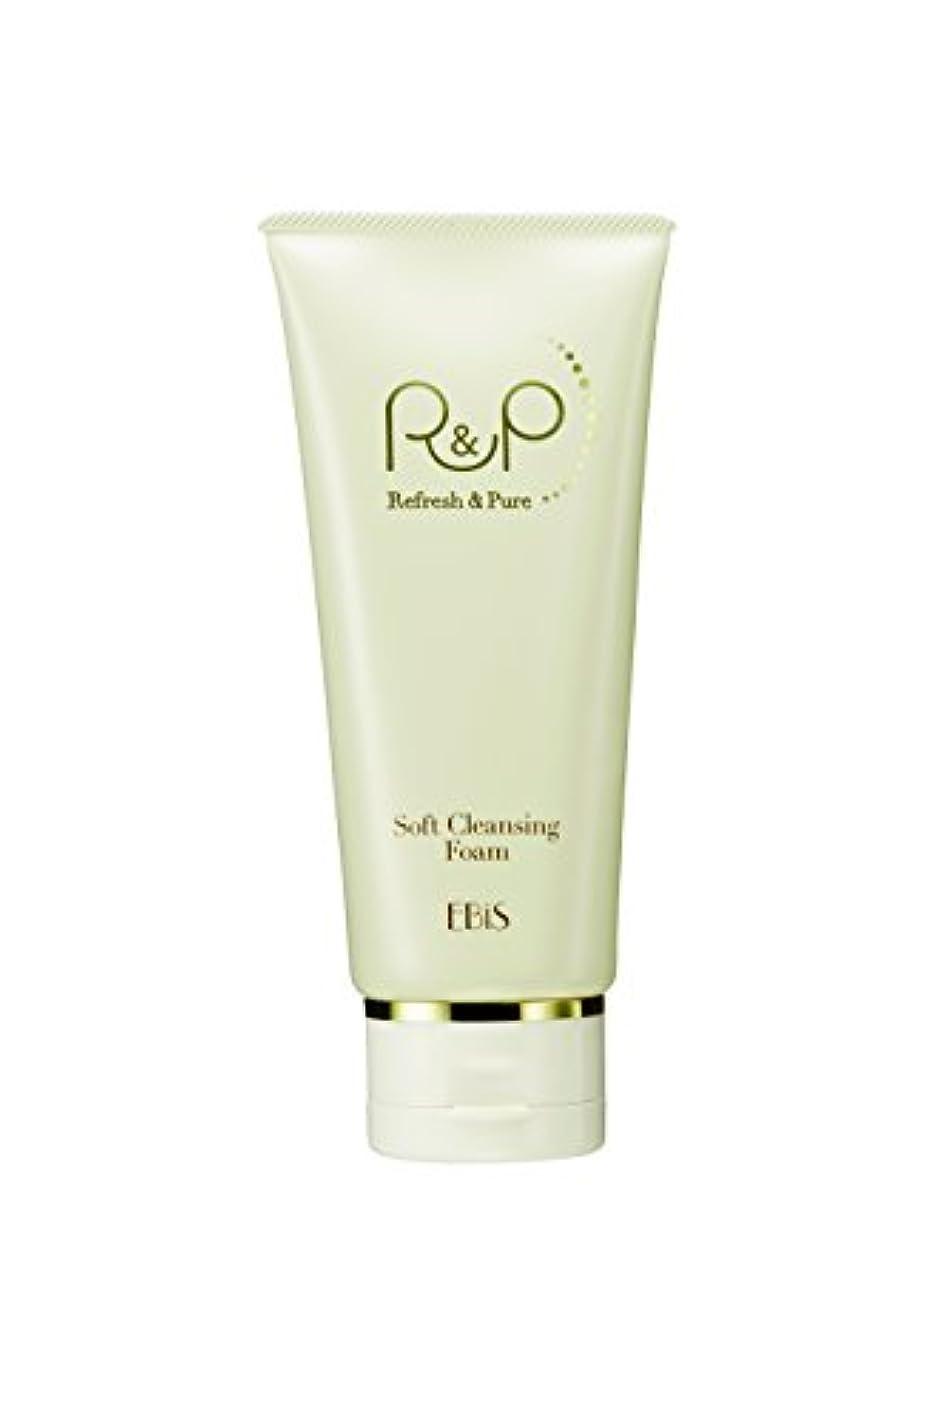 ベッドを作る提供まともなエビス化粧品(EBiS) R&Pソフトクレンジングフォーム100g 泥洗顔 洗顔フォーム 高級クレイ使用 ノンアルコール